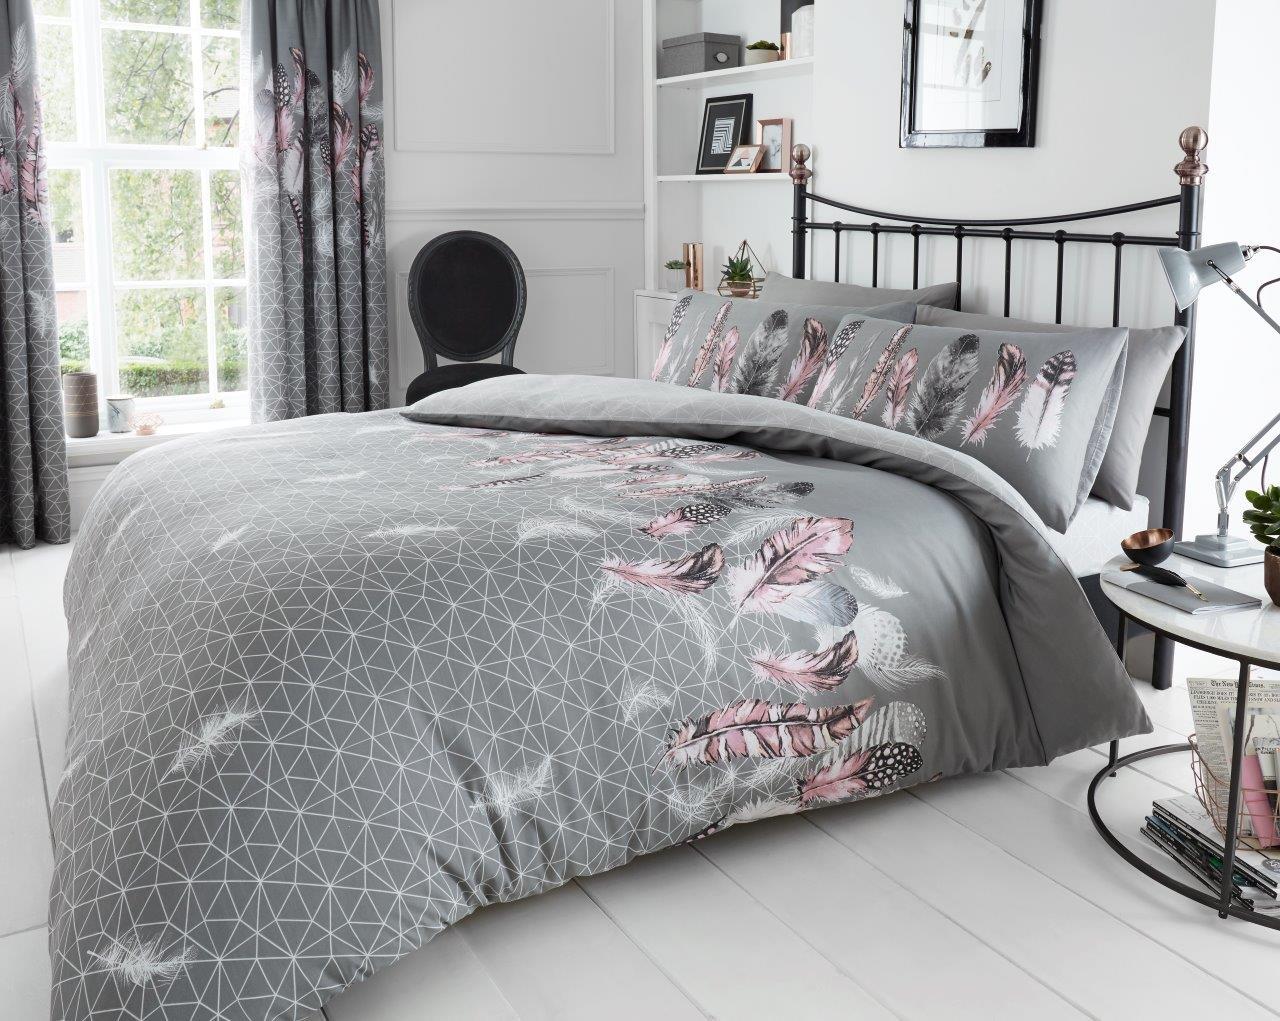 Luxury Kew Duvet Set 3 PCs Floral Duvet//Quilt Cover Set Pillow Cases Bed Set